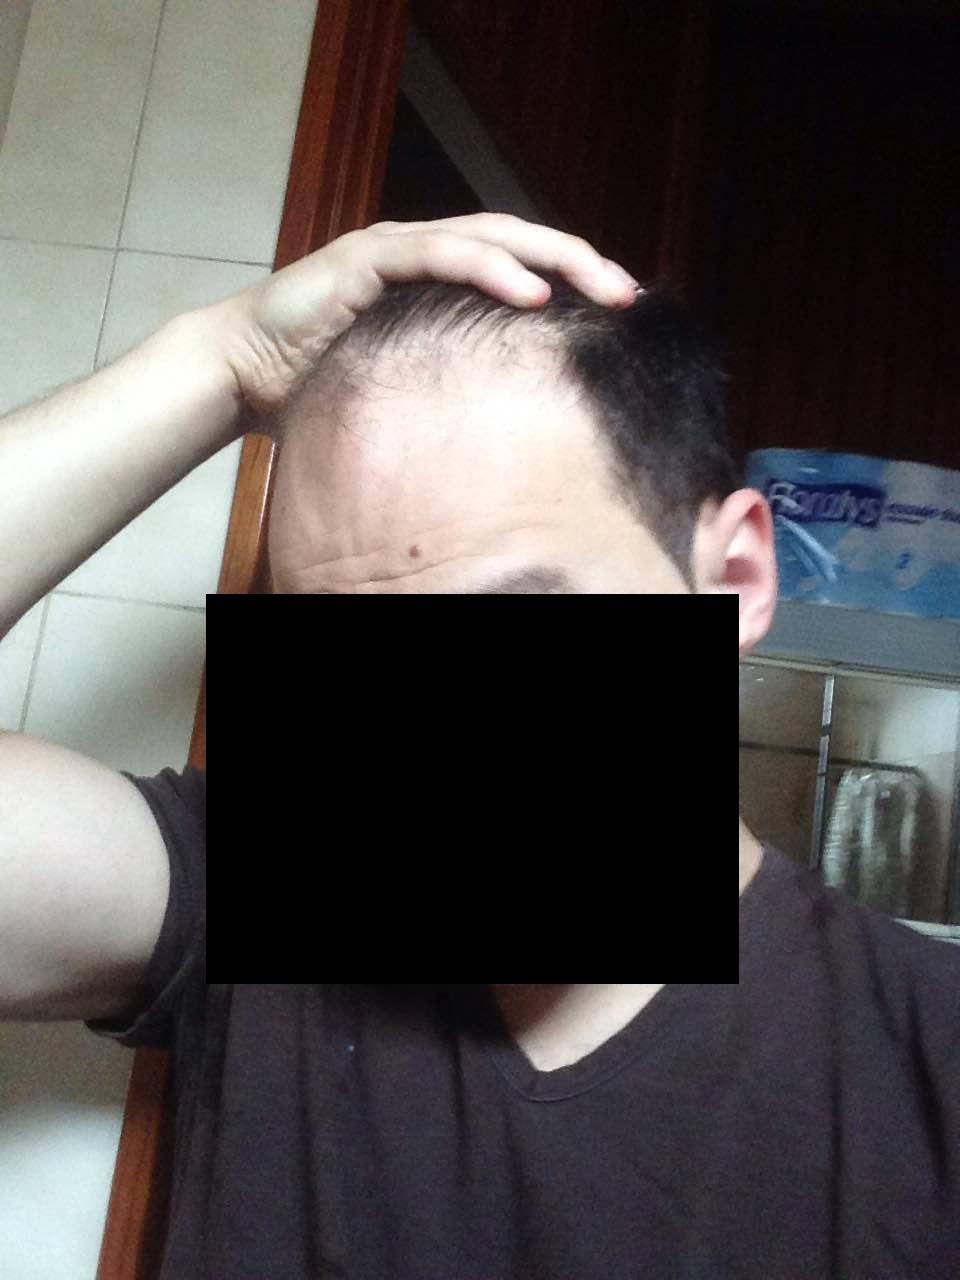 international hair loss forum combien de greffons ais je besoin et quelle clinique. Black Bedroom Furniture Sets. Home Design Ideas